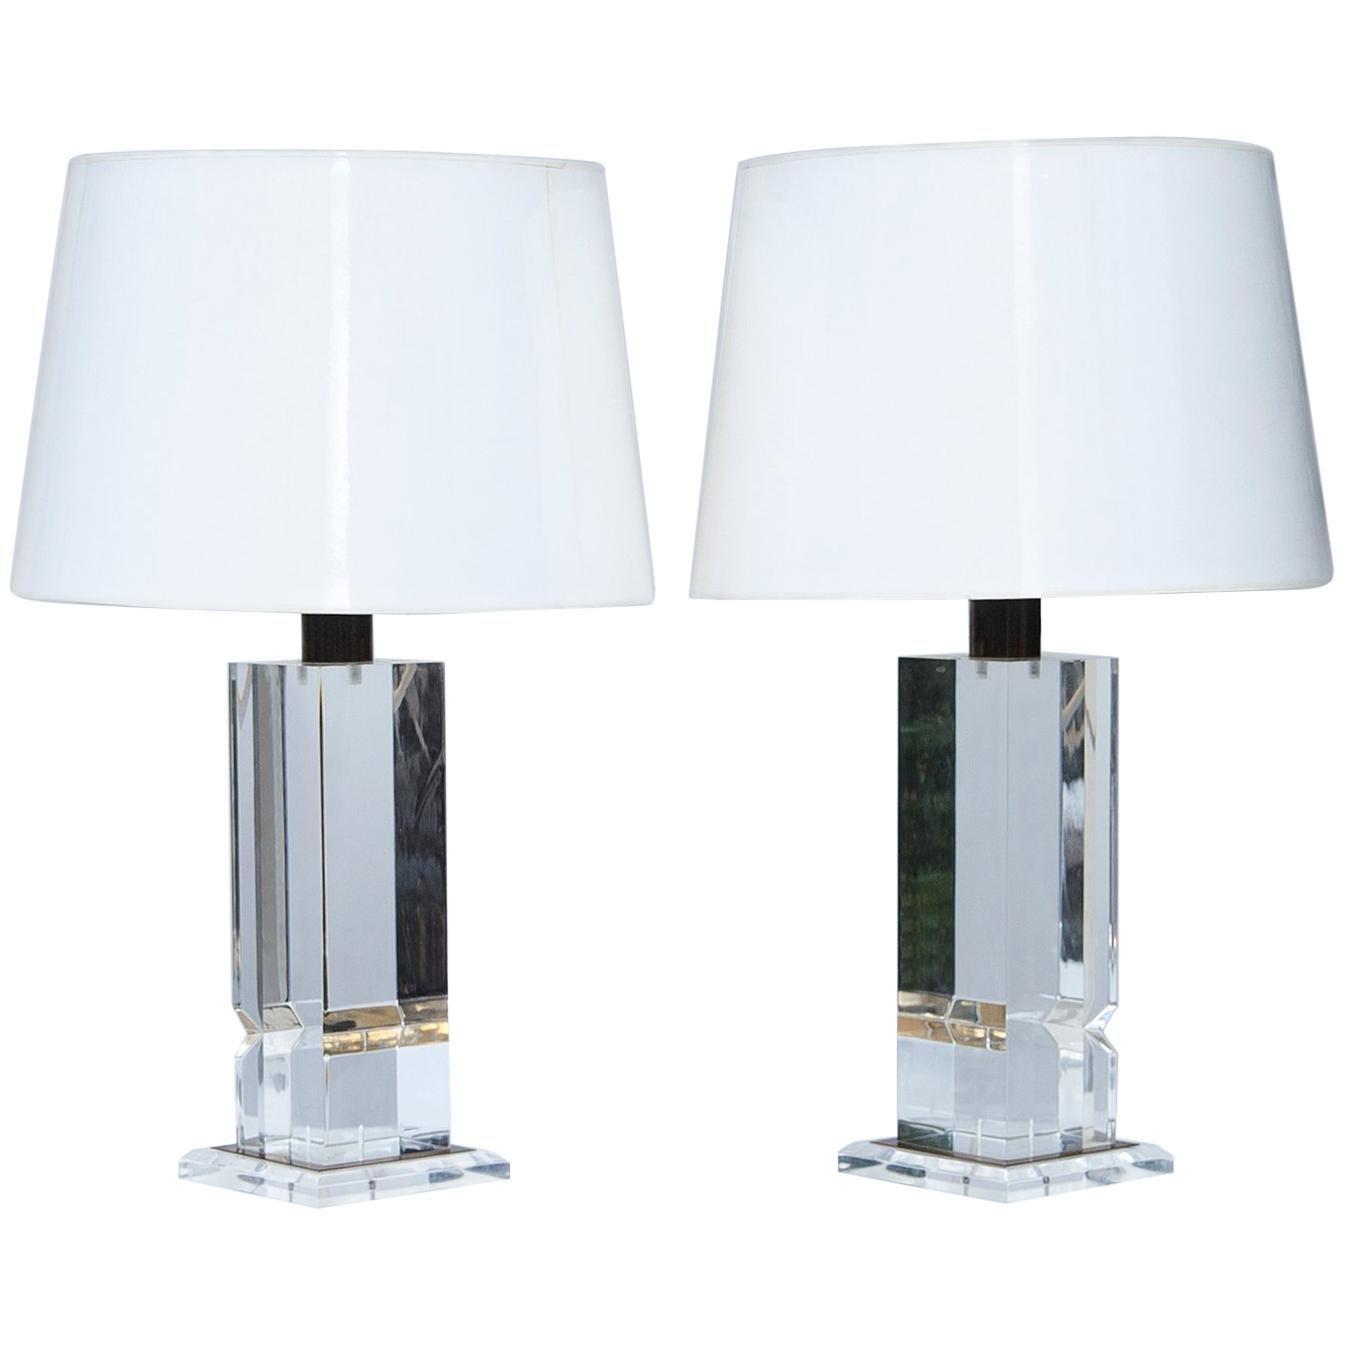 Plexiglas Table Lamps France 1970s